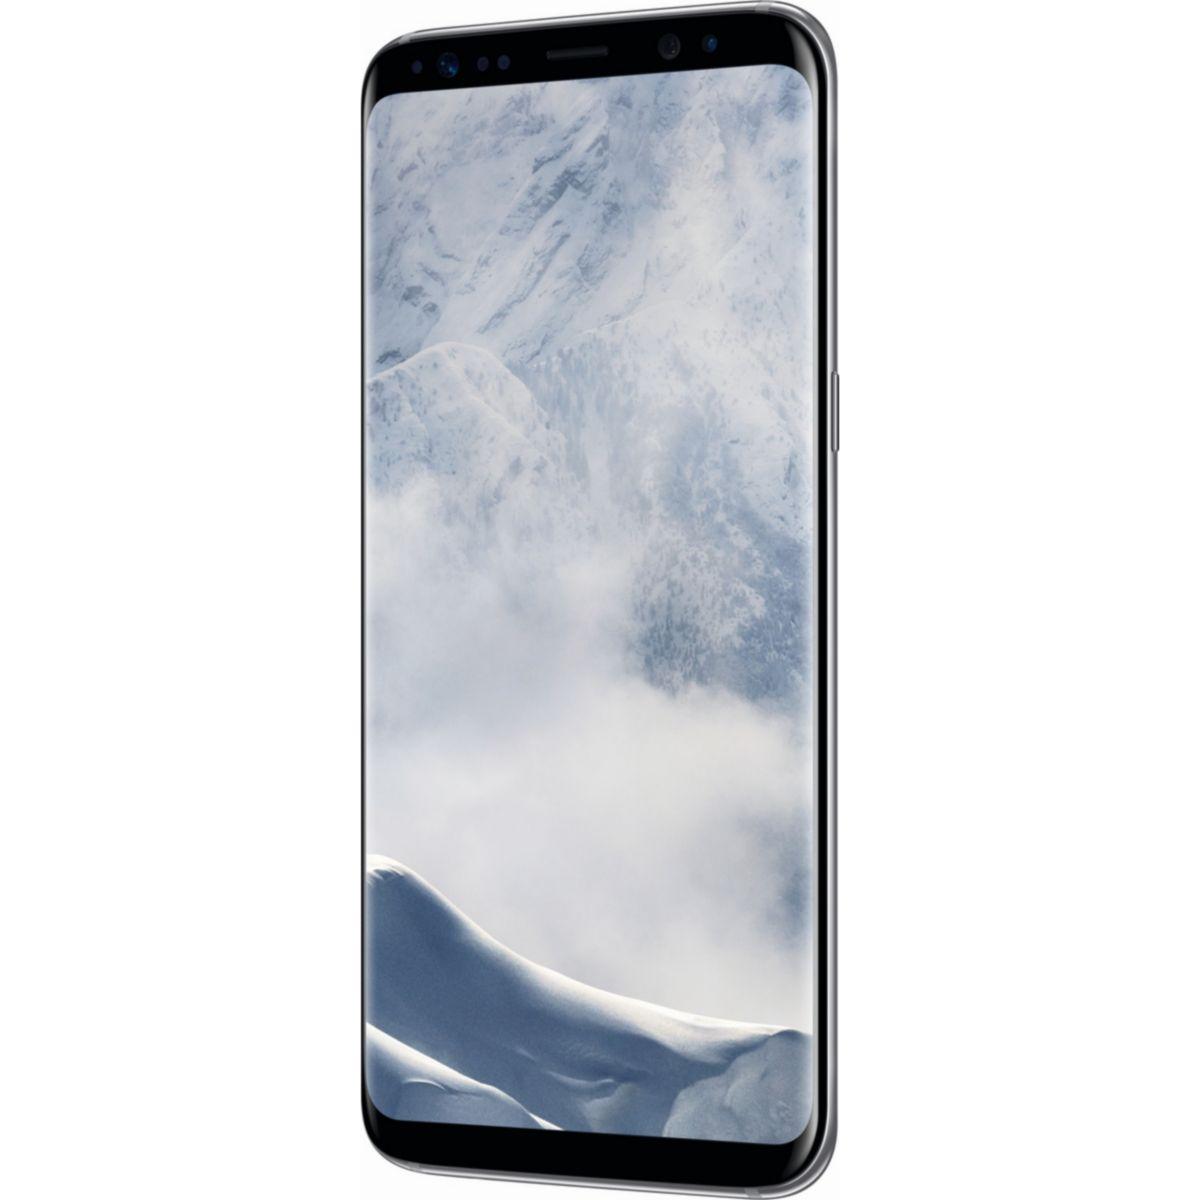 Samsung Galaxy S8, 64 GB, Smartphone, silber jetztbilligerkaufen